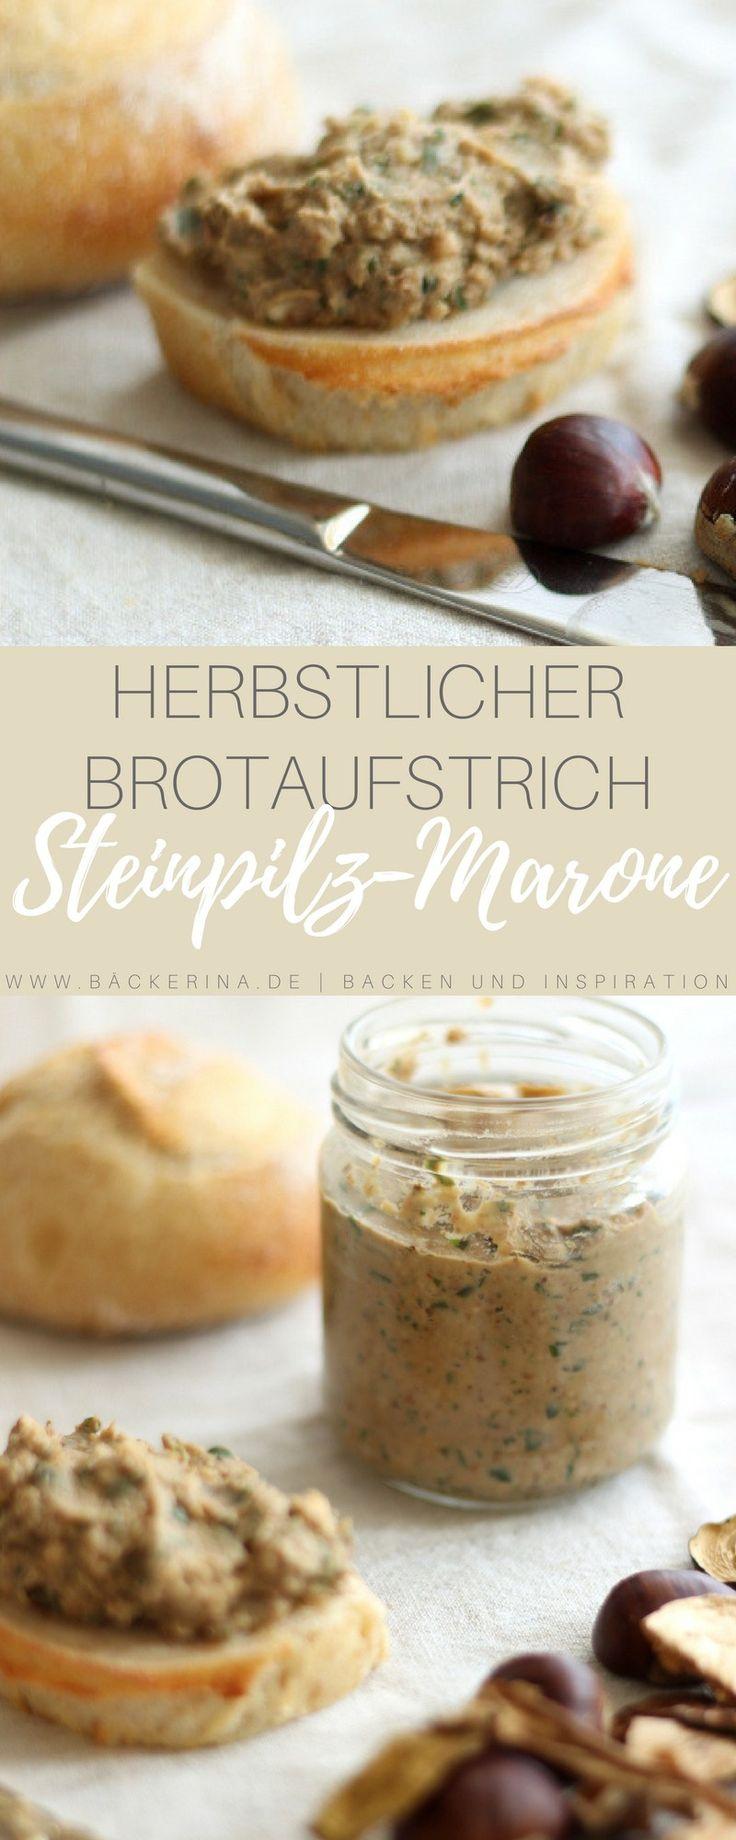 Raffiniertes Rezept für einen selbst gemachten Maronenaufstrich mit feinen Steinpilzen. Ein toller Begleiter für Brot, aber auch lecker als Soße zu Fleisch.